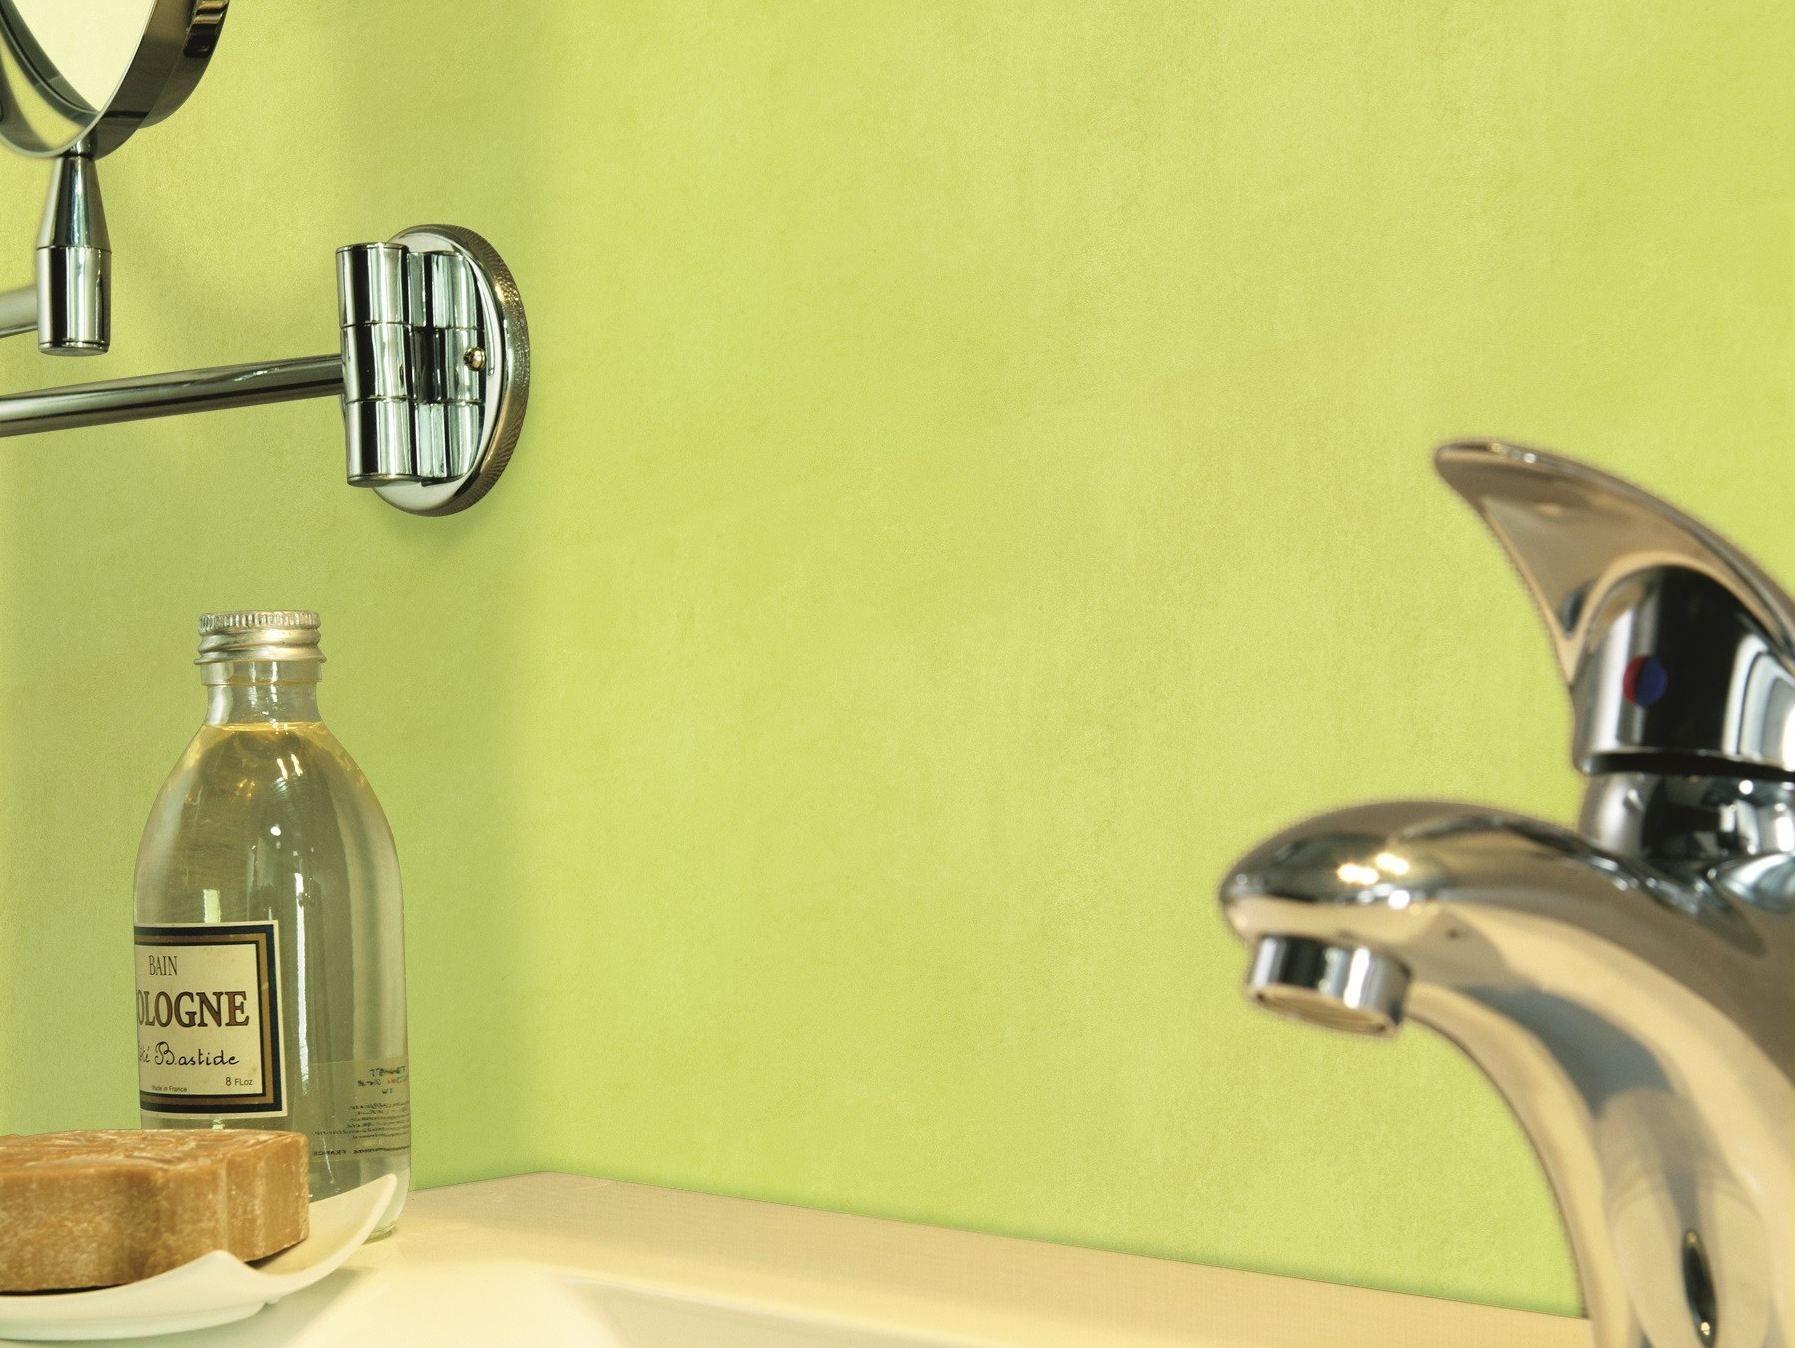 rev tement mural en vinyle pour int rieur aquarelle wall hfs by tarkett mur ctje pinterest. Black Bedroom Furniture Sets. Home Design Ideas